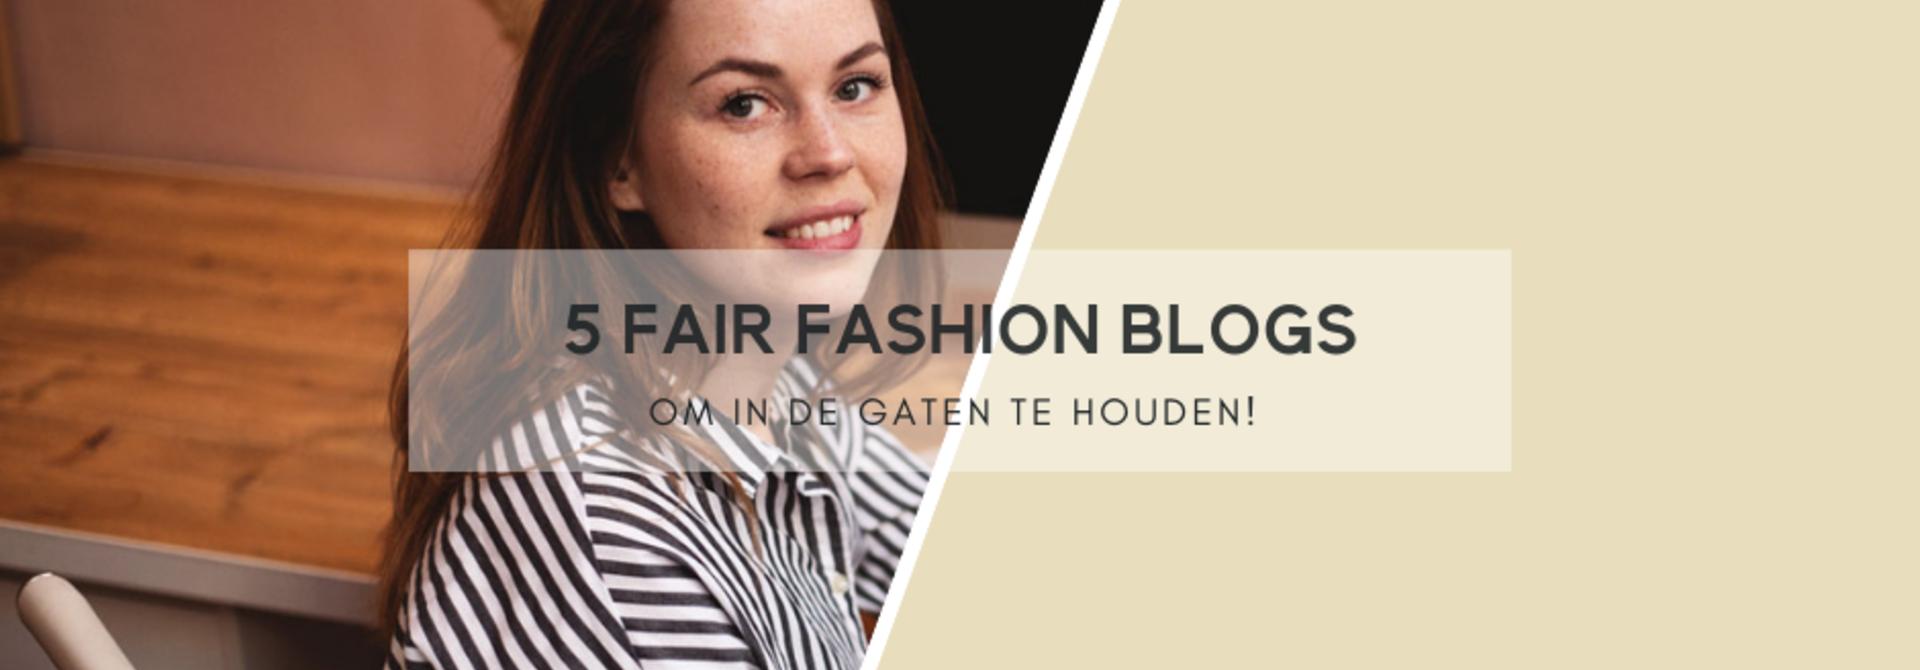 5 Fair Fashion Blogs om in de gaten te houden!